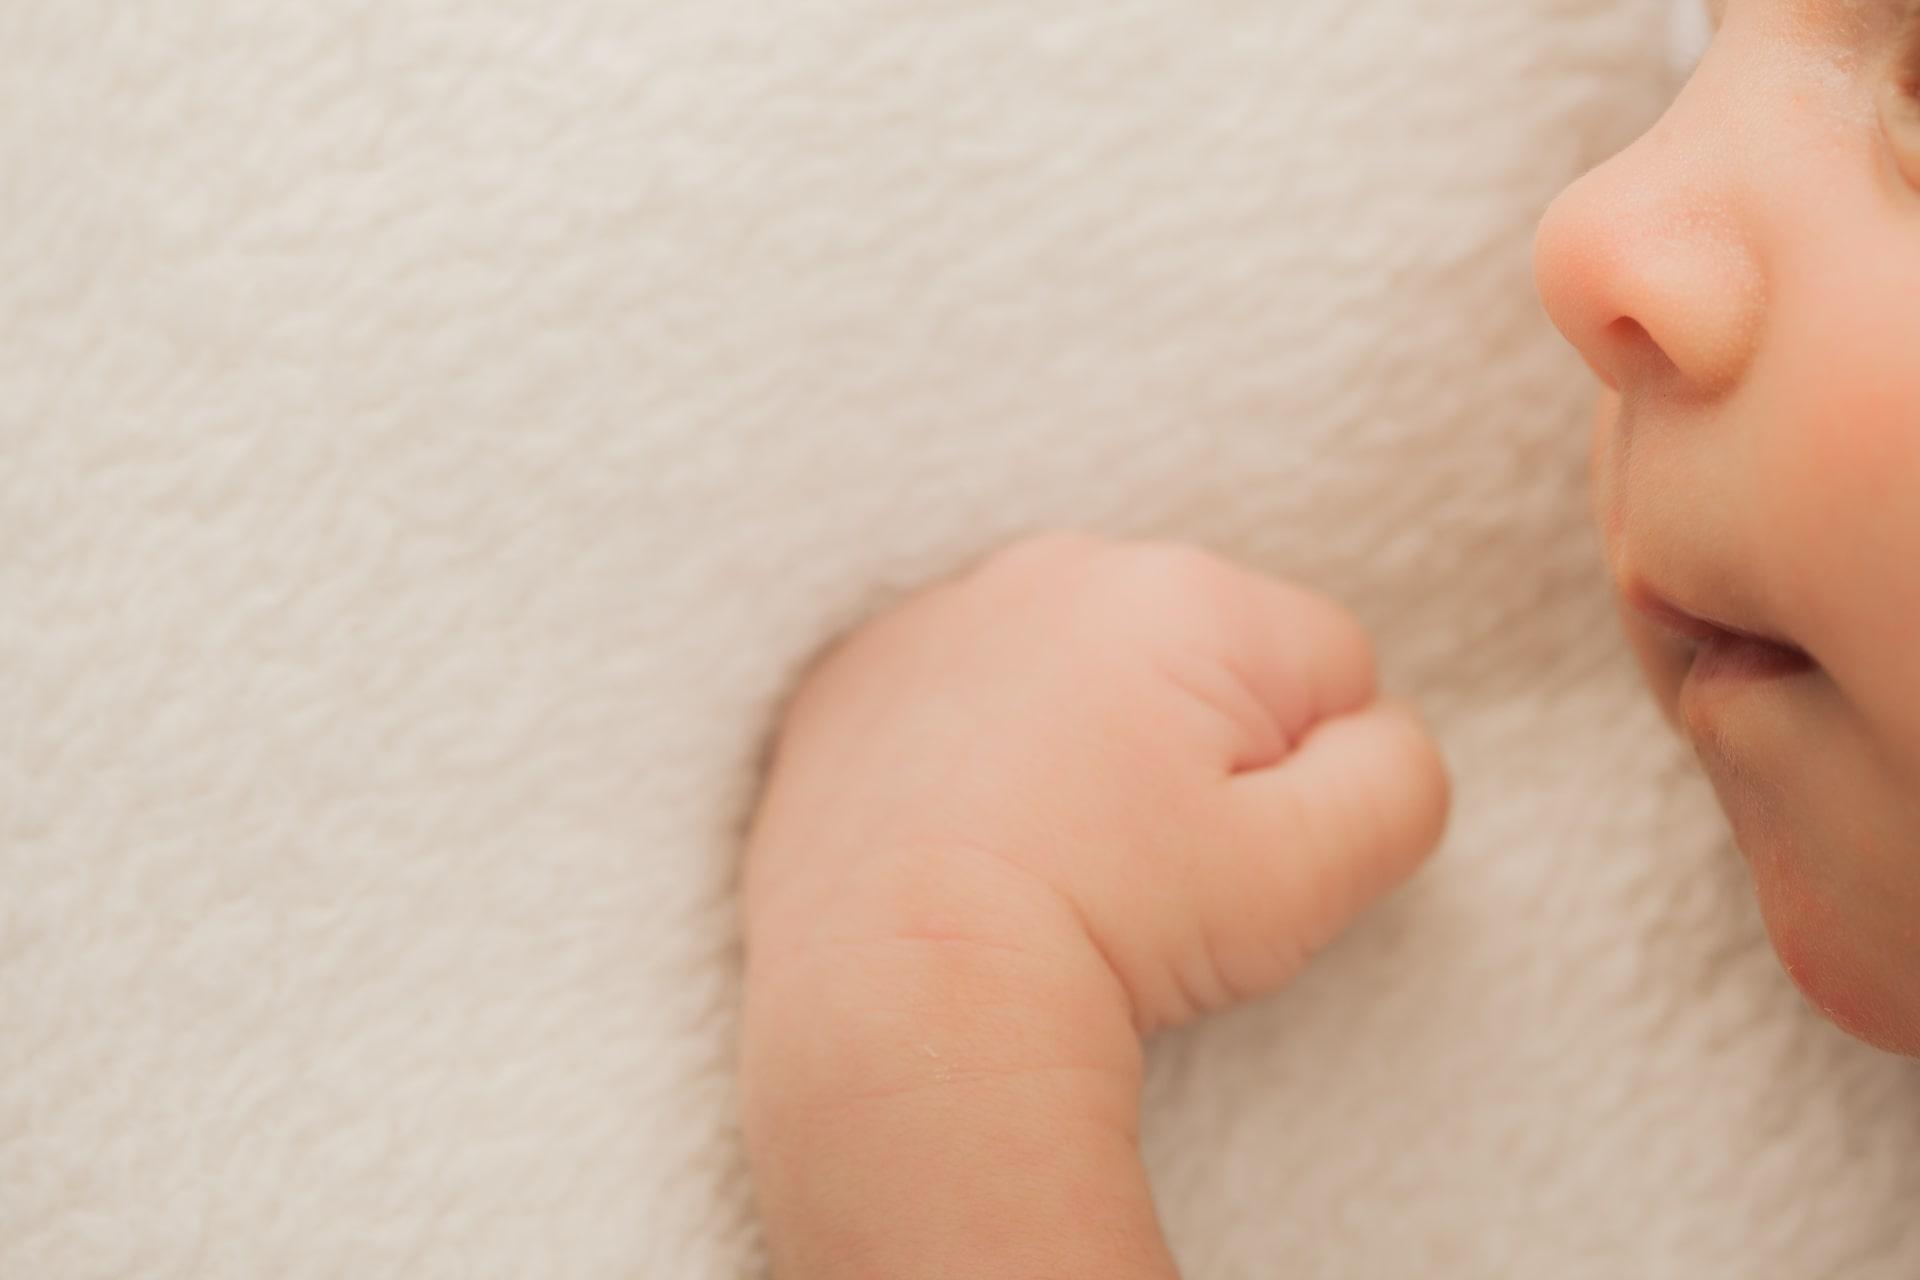 【妊娠のジンクス】赤ちゃんの産み分けのジンクス!本当に当たる妊娠中のジンクスをご紹介